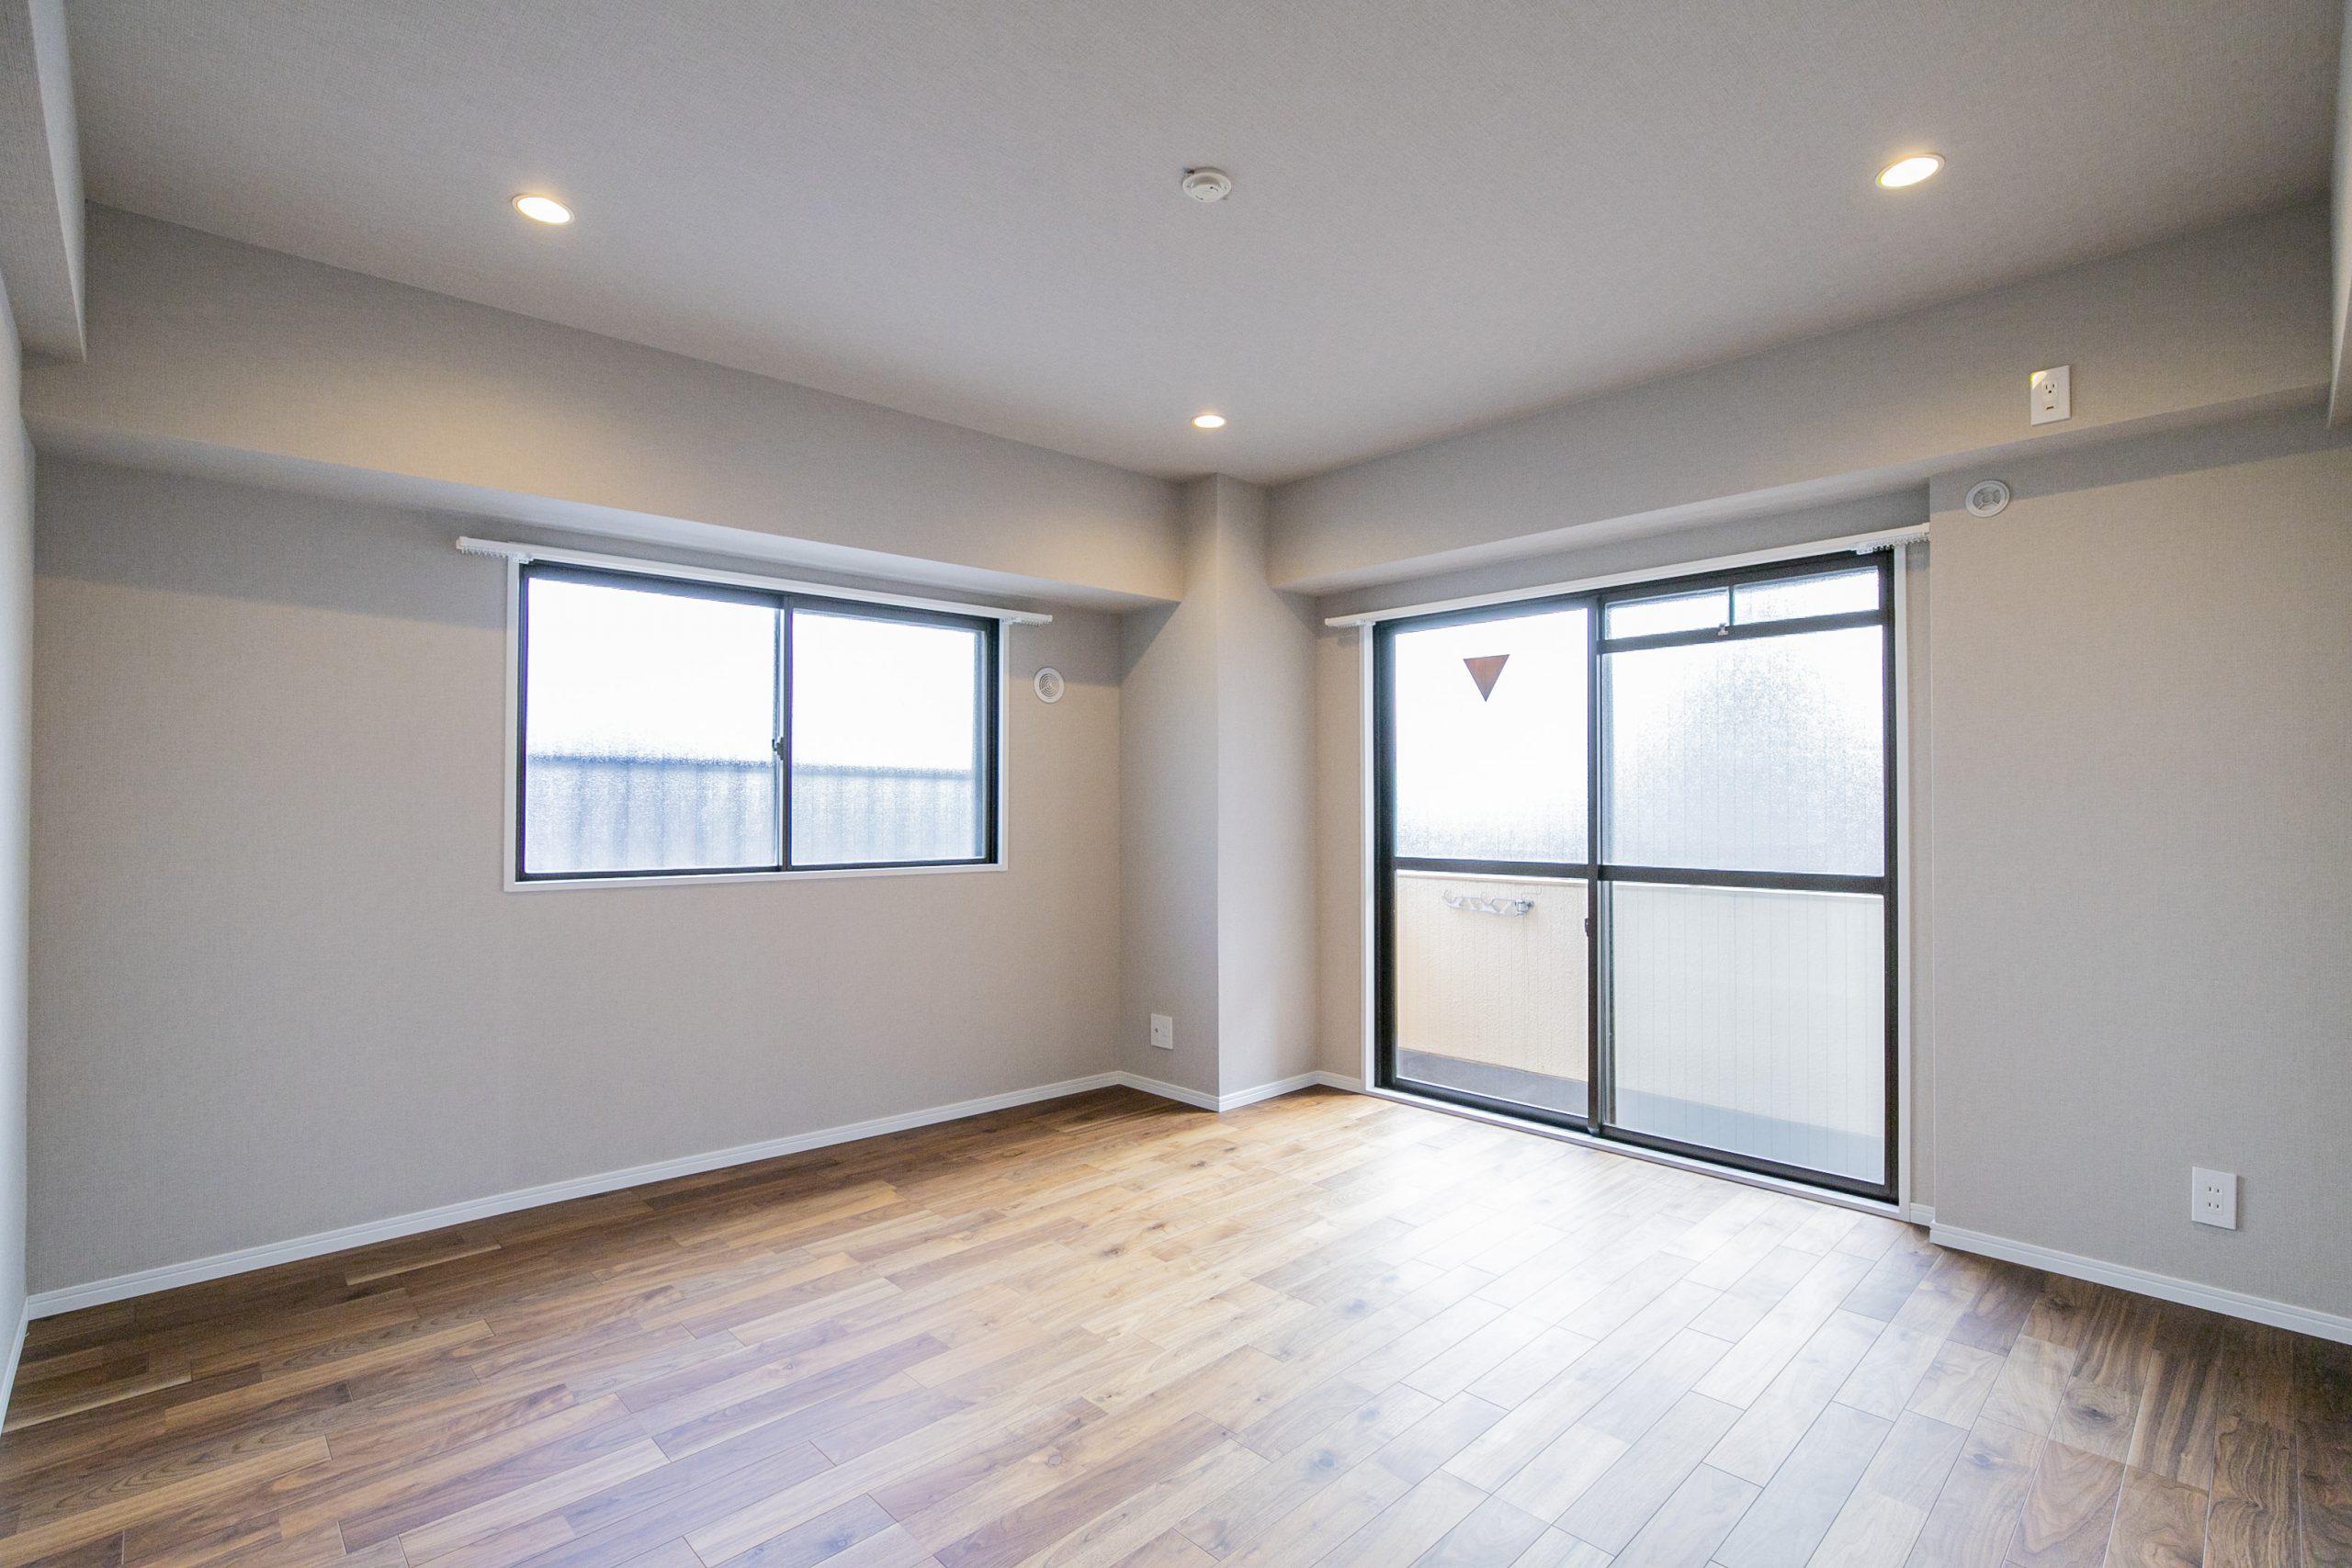 経堂 明るい部屋で、便利な暮らし